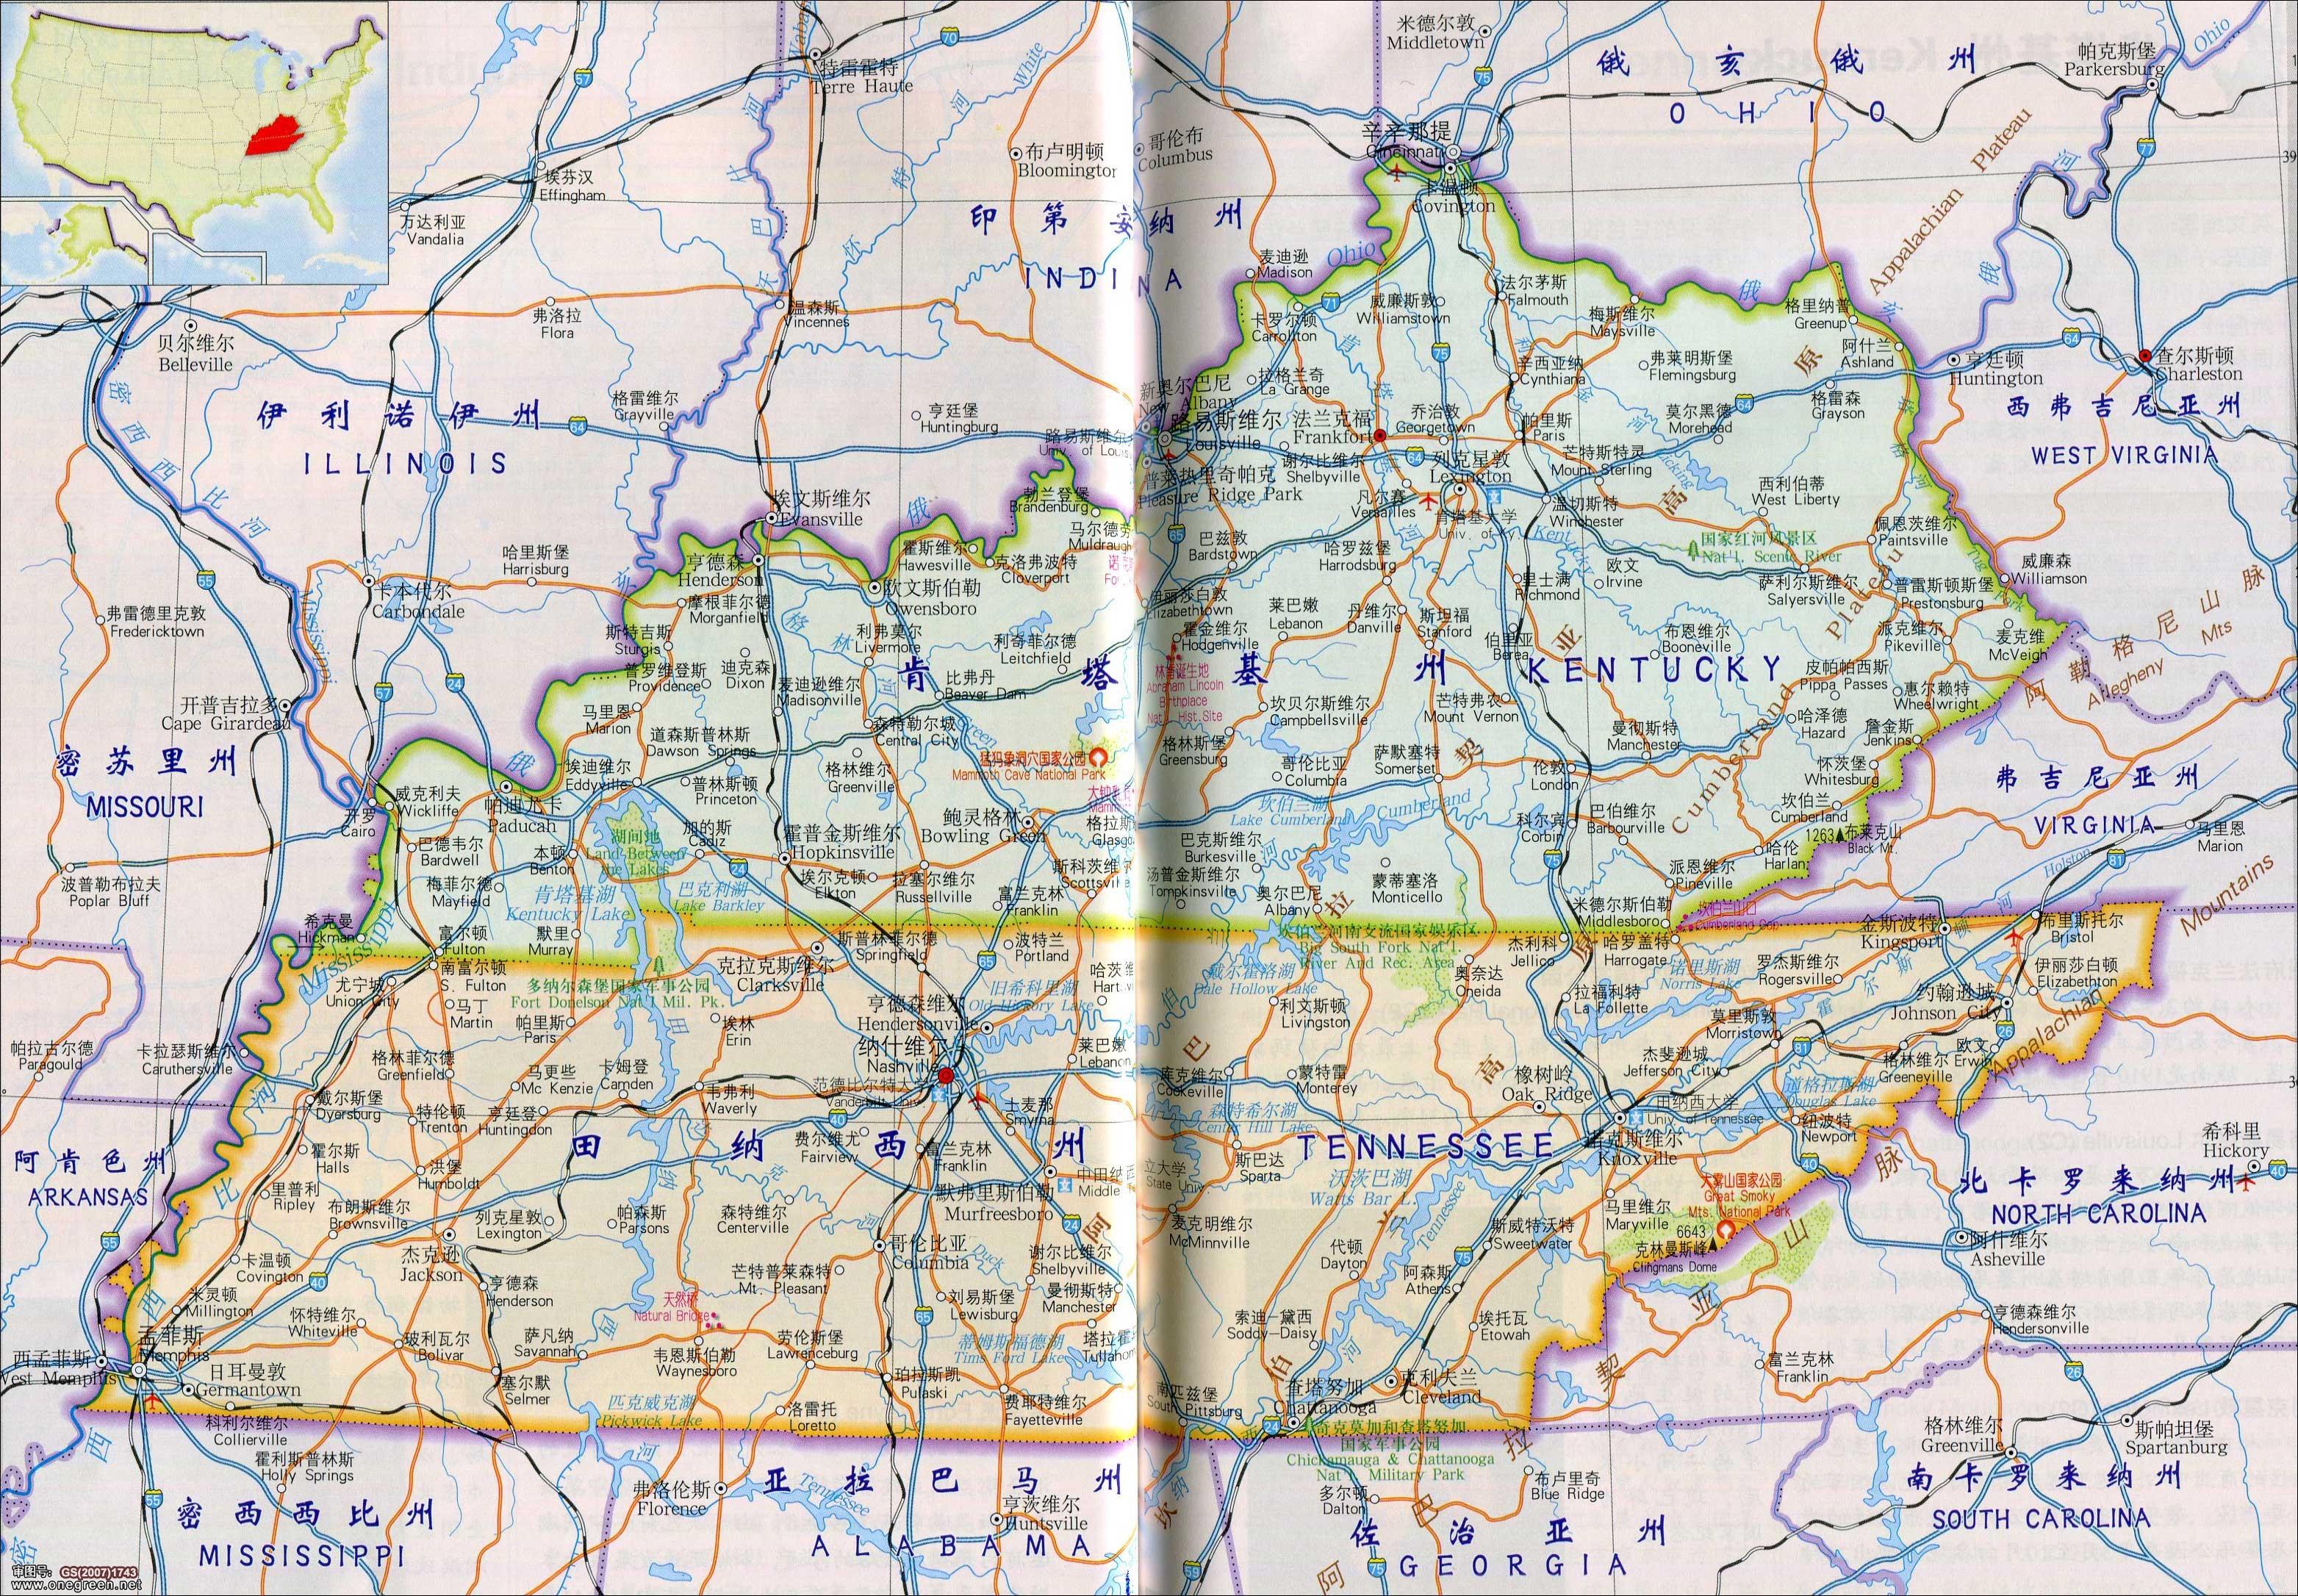 美国 地图 中文 版 上/oCB